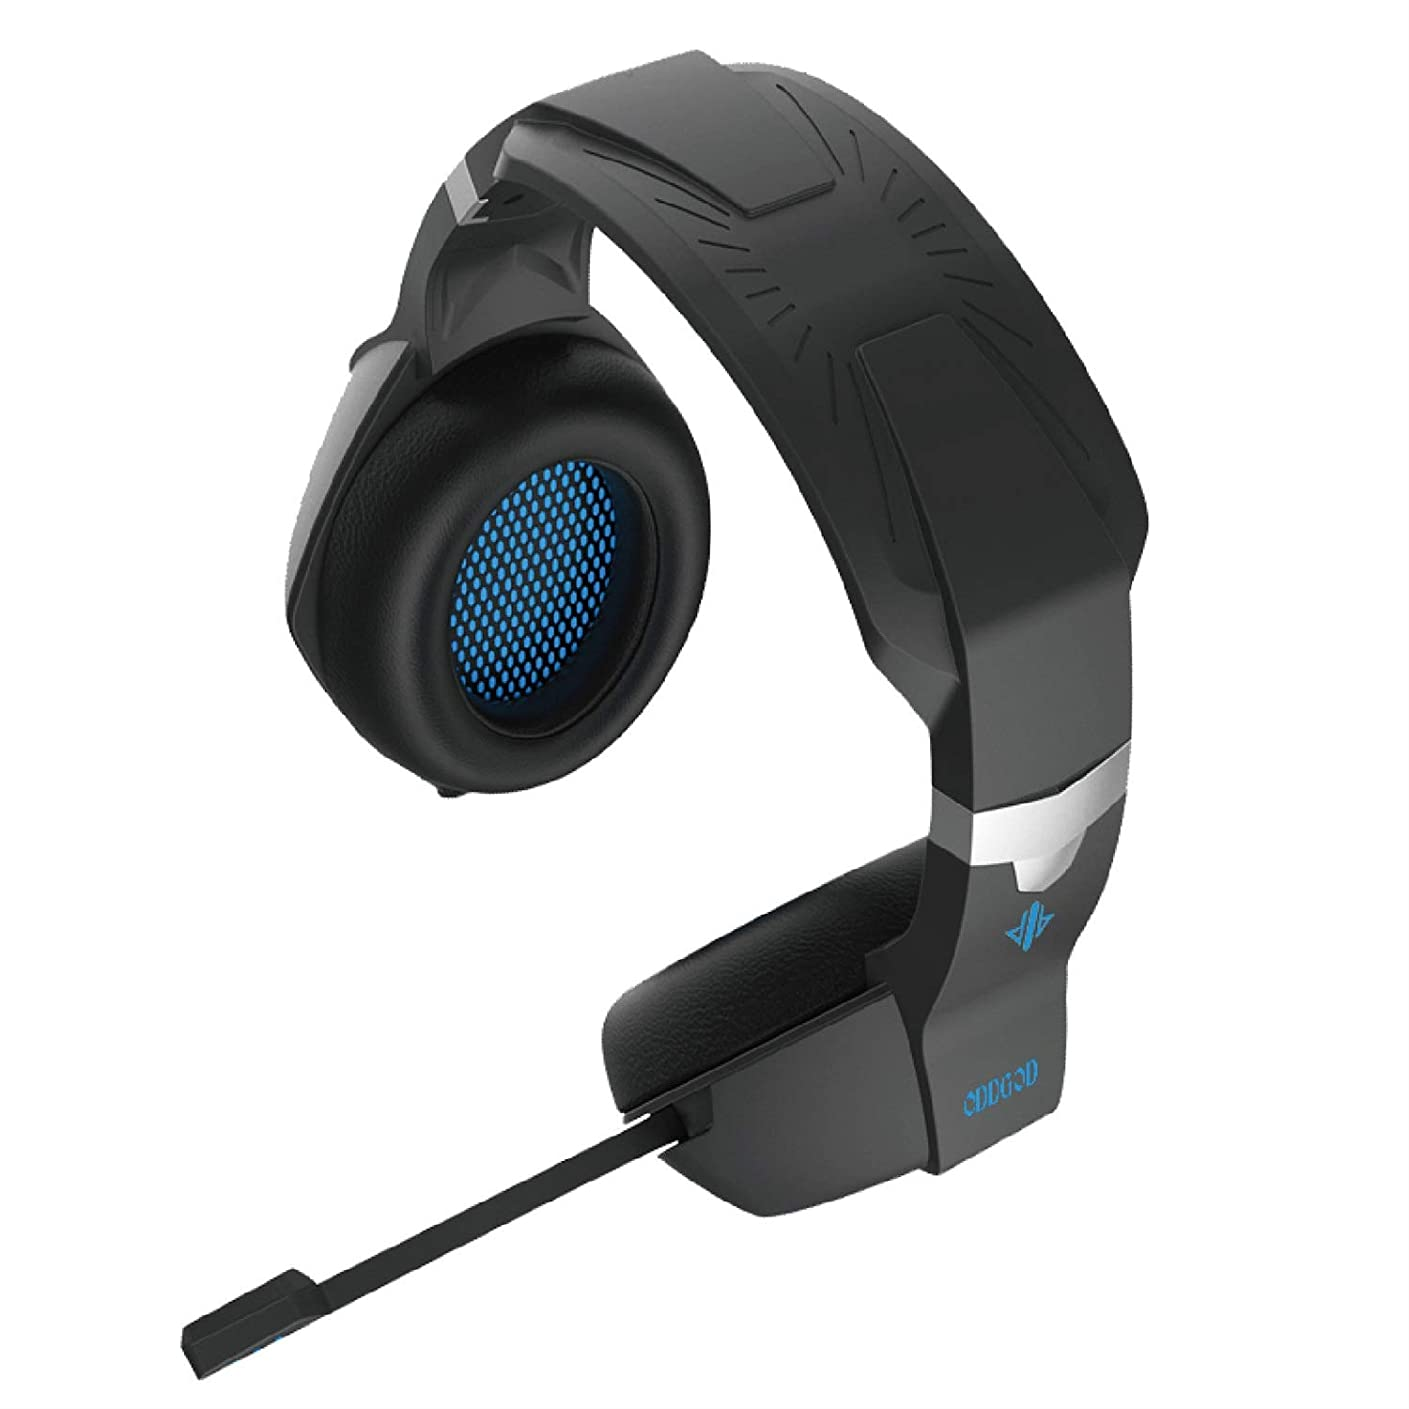 ゲーム韻ベアリングサークルFUNXS 機器、ポータブルオーディオ、PC、HiFi用照光式有線ヘッドセットゲームヘッドセット通信